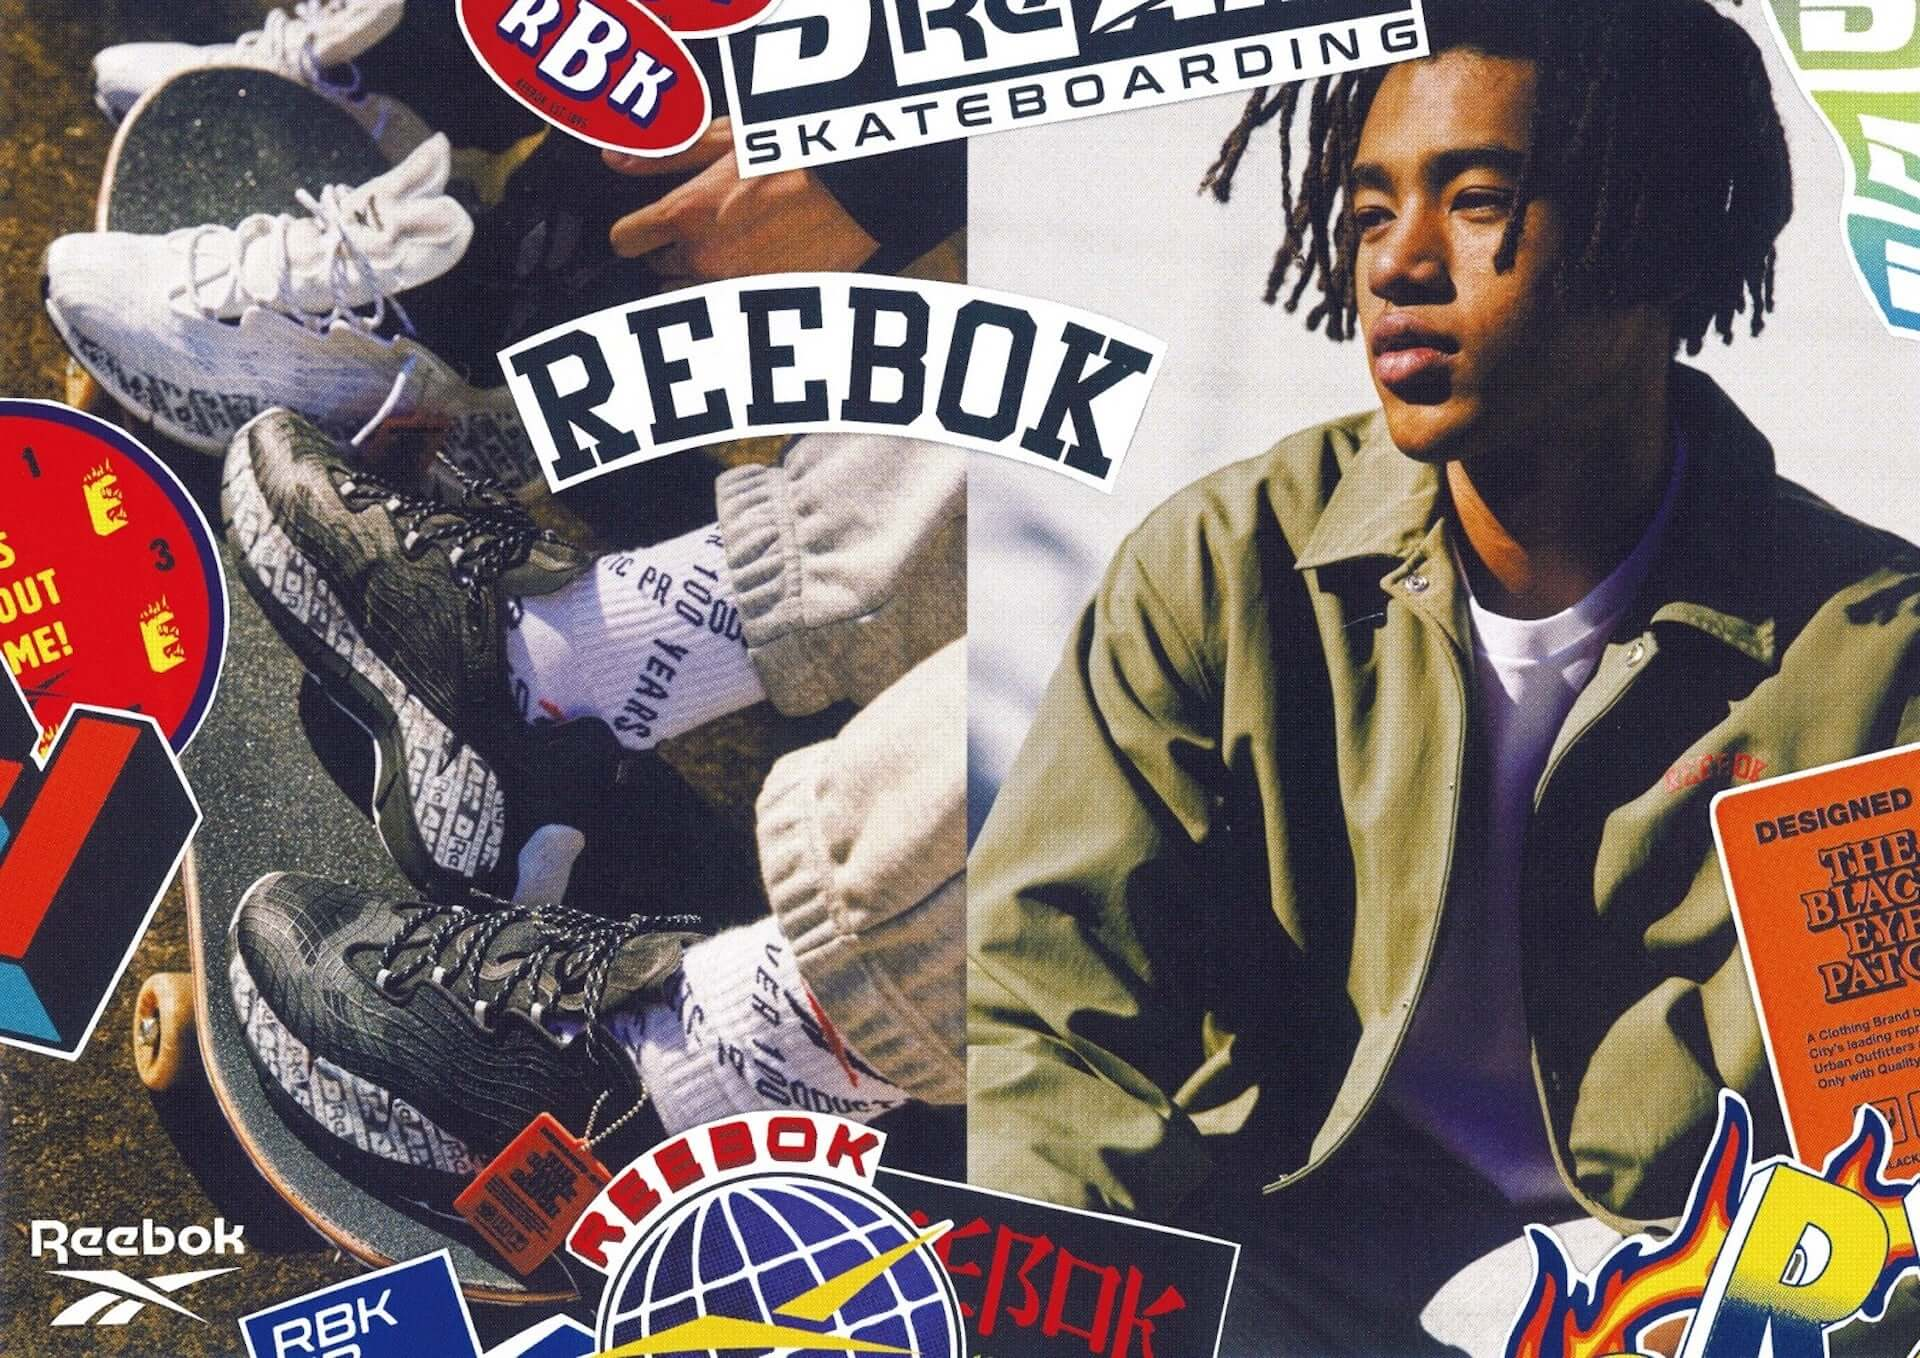 リーボックとBlackEyePatchのコラボコレクション「Reebok DESIGNED by BlackEyePatch」が今年も発売決定!ジャケット、ロンT、スニーカーなど展開 lf210127_reebok_main-1920x1358